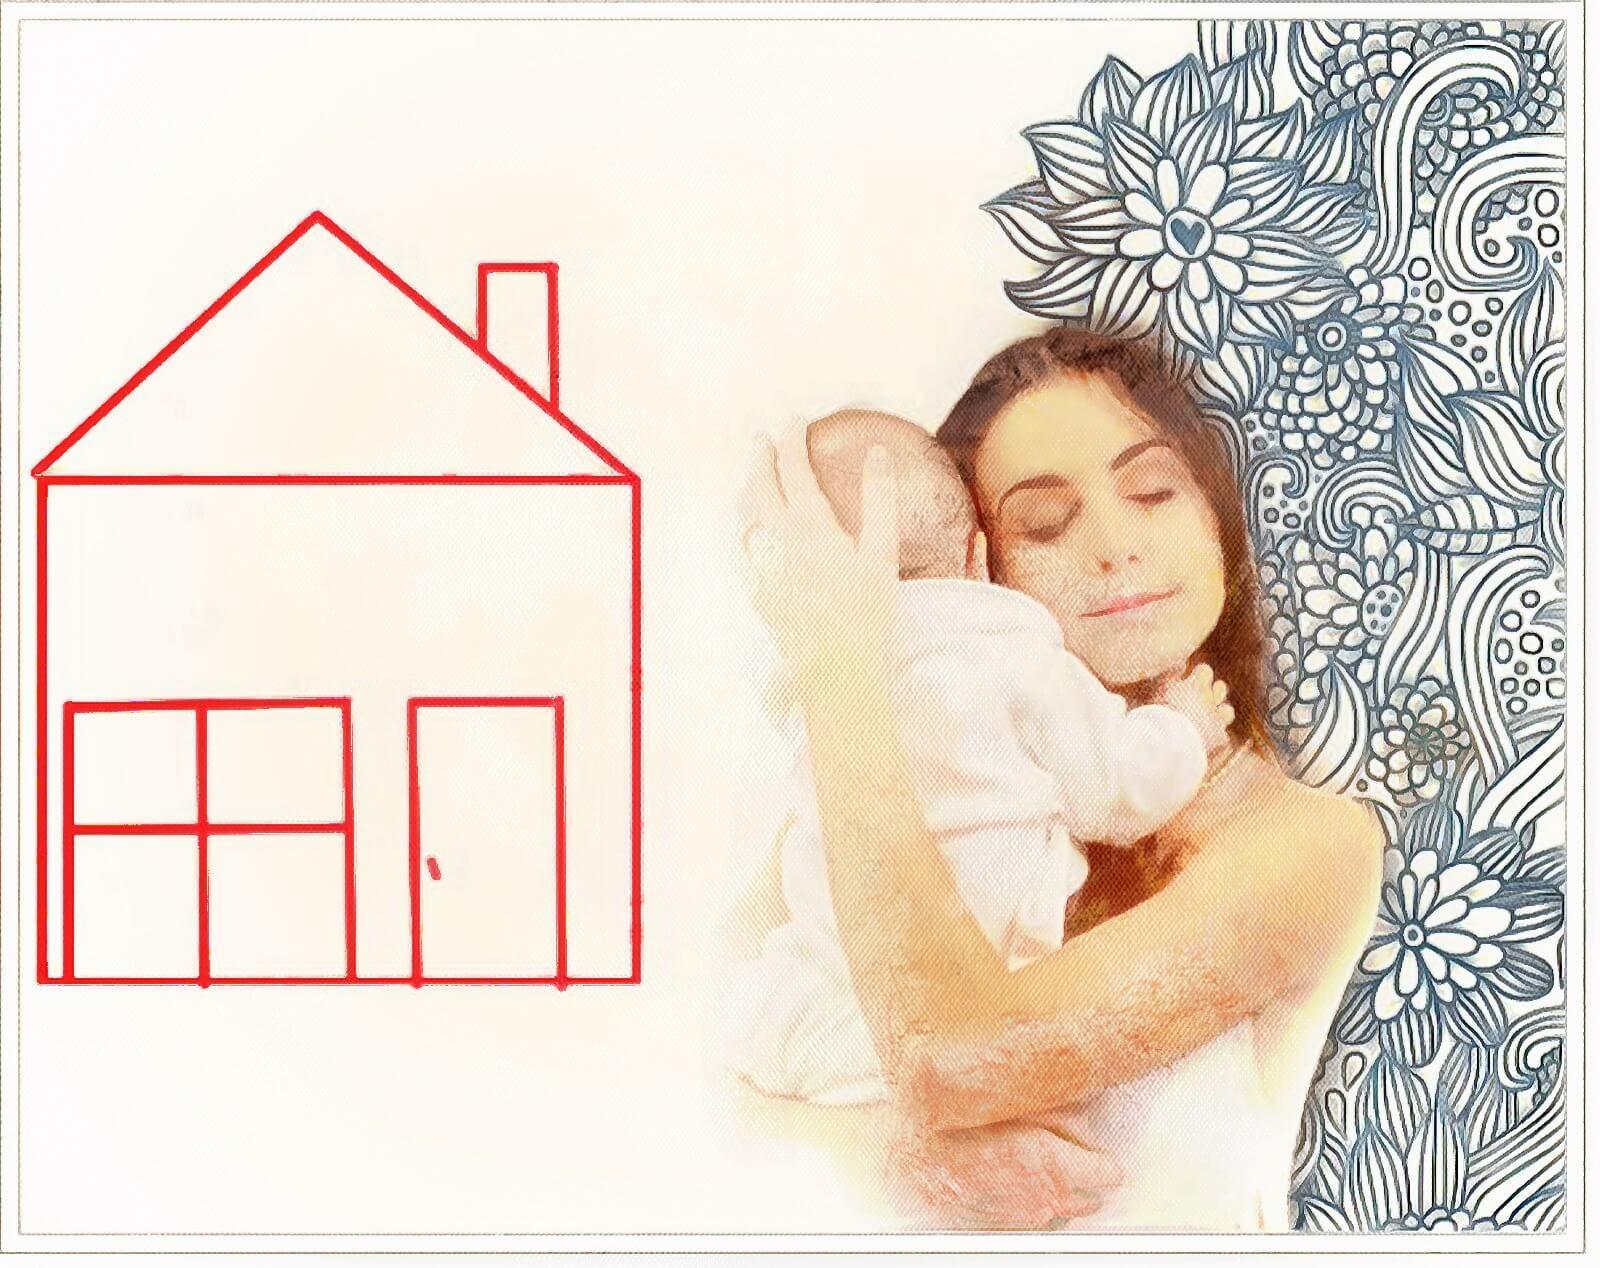 Ипотека для матерей одиночек: есть ли льготы в 2020 г, новая субсидия, как взять